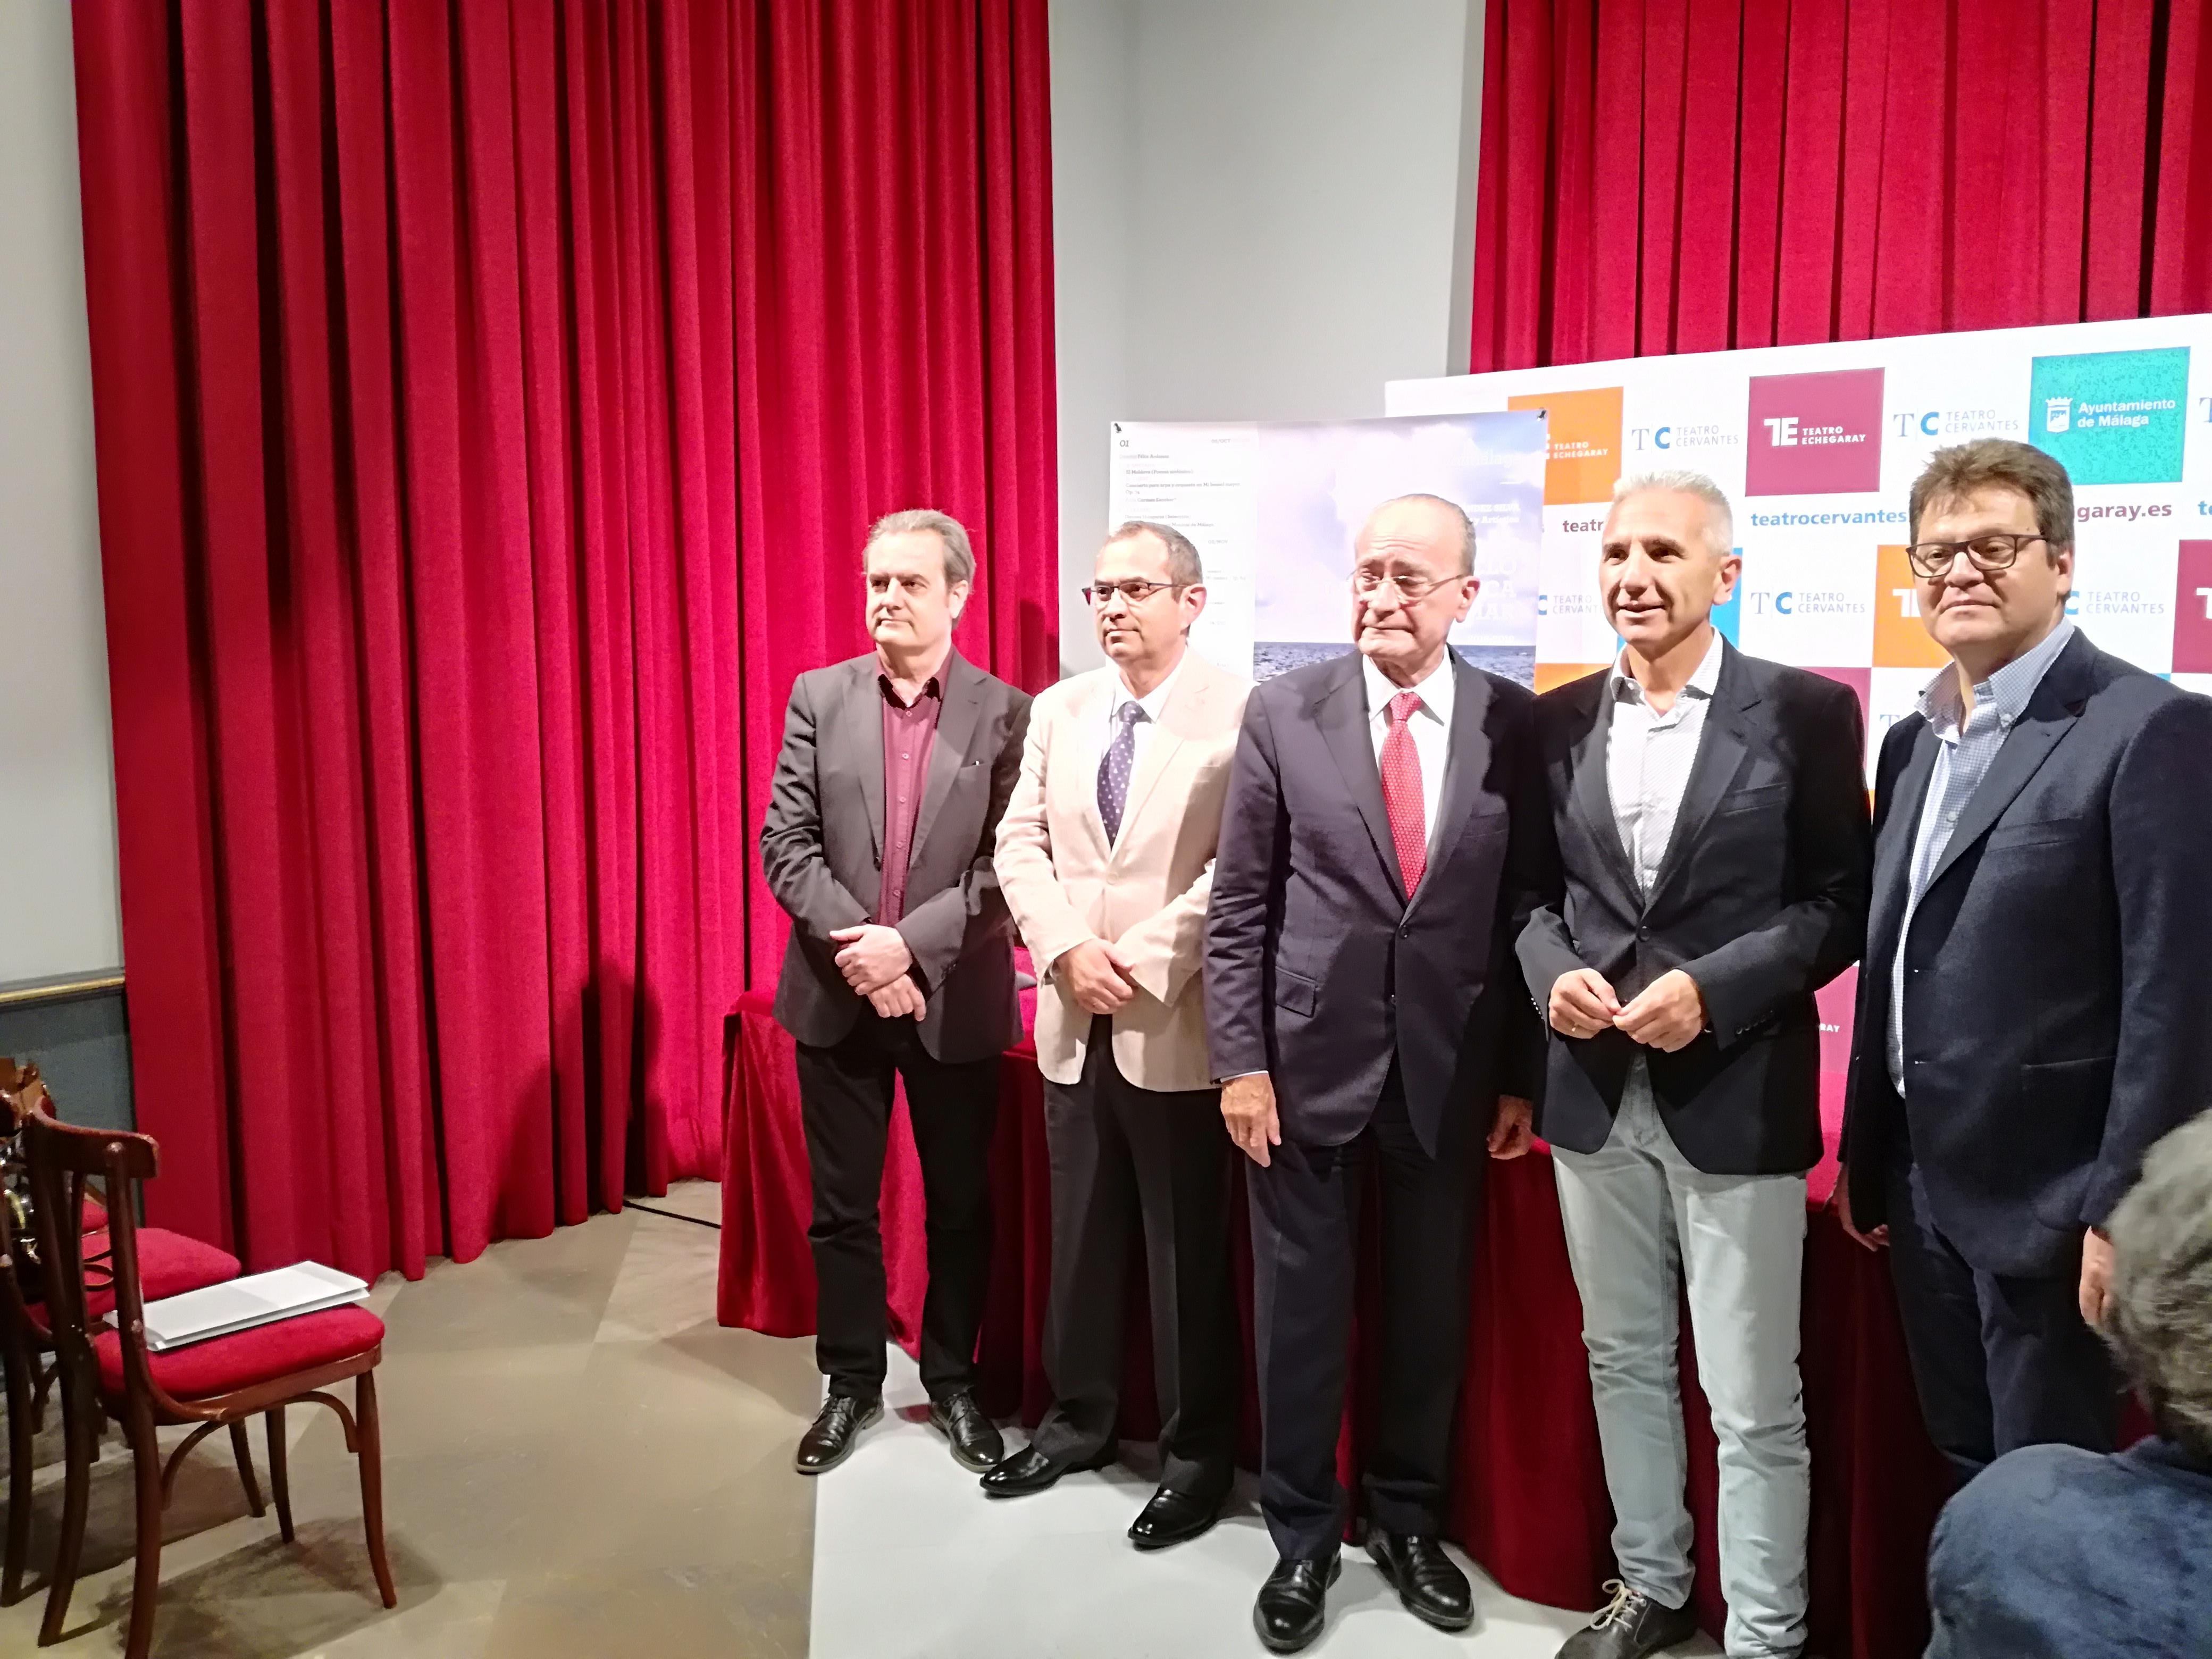 Nueva temporada de la Orquesta Filarmónica de Málaga 18/19